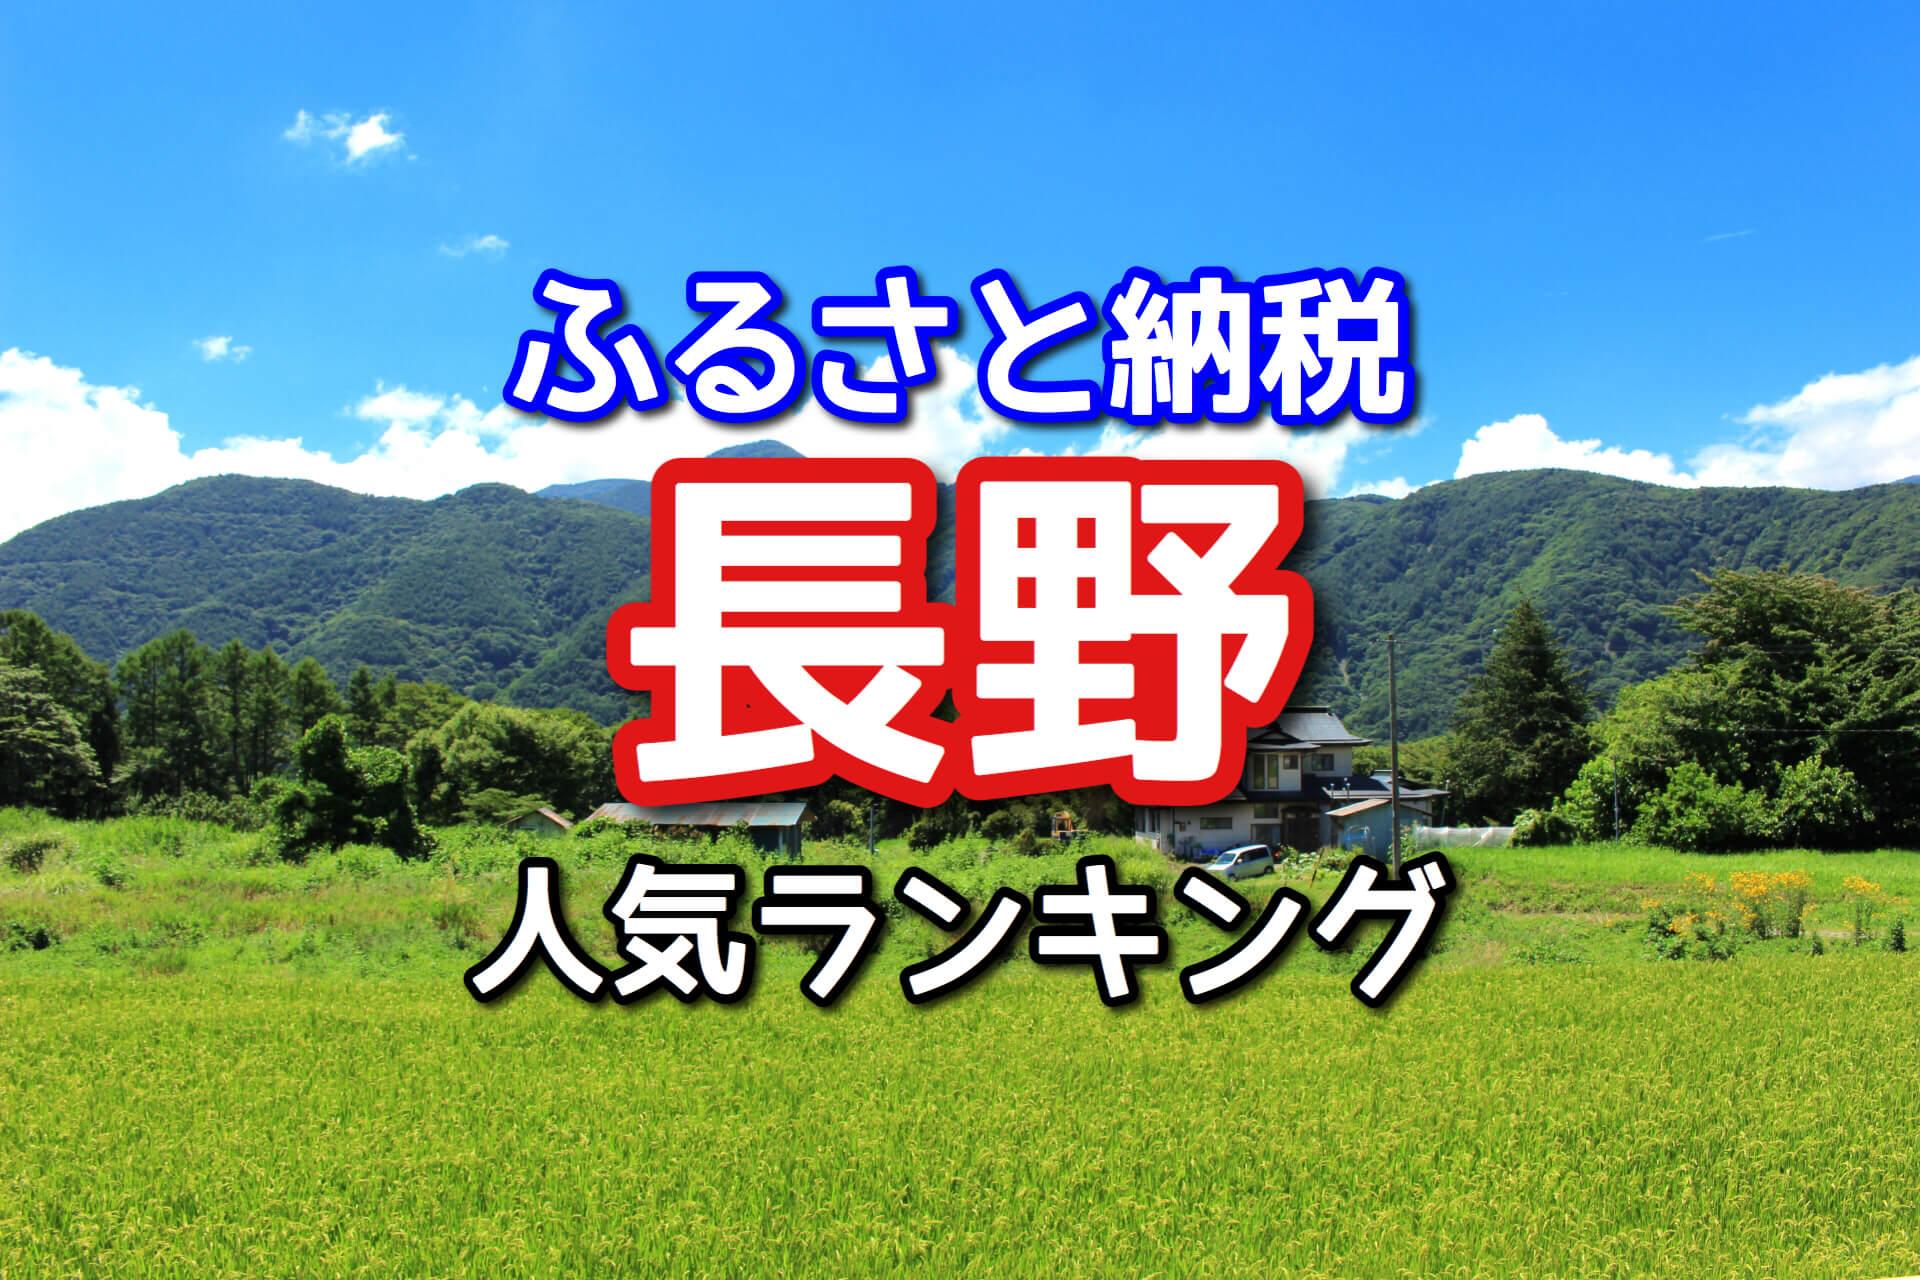 【ふるさと納税】長野のおすすめ返礼品10選!人気ランキング2018